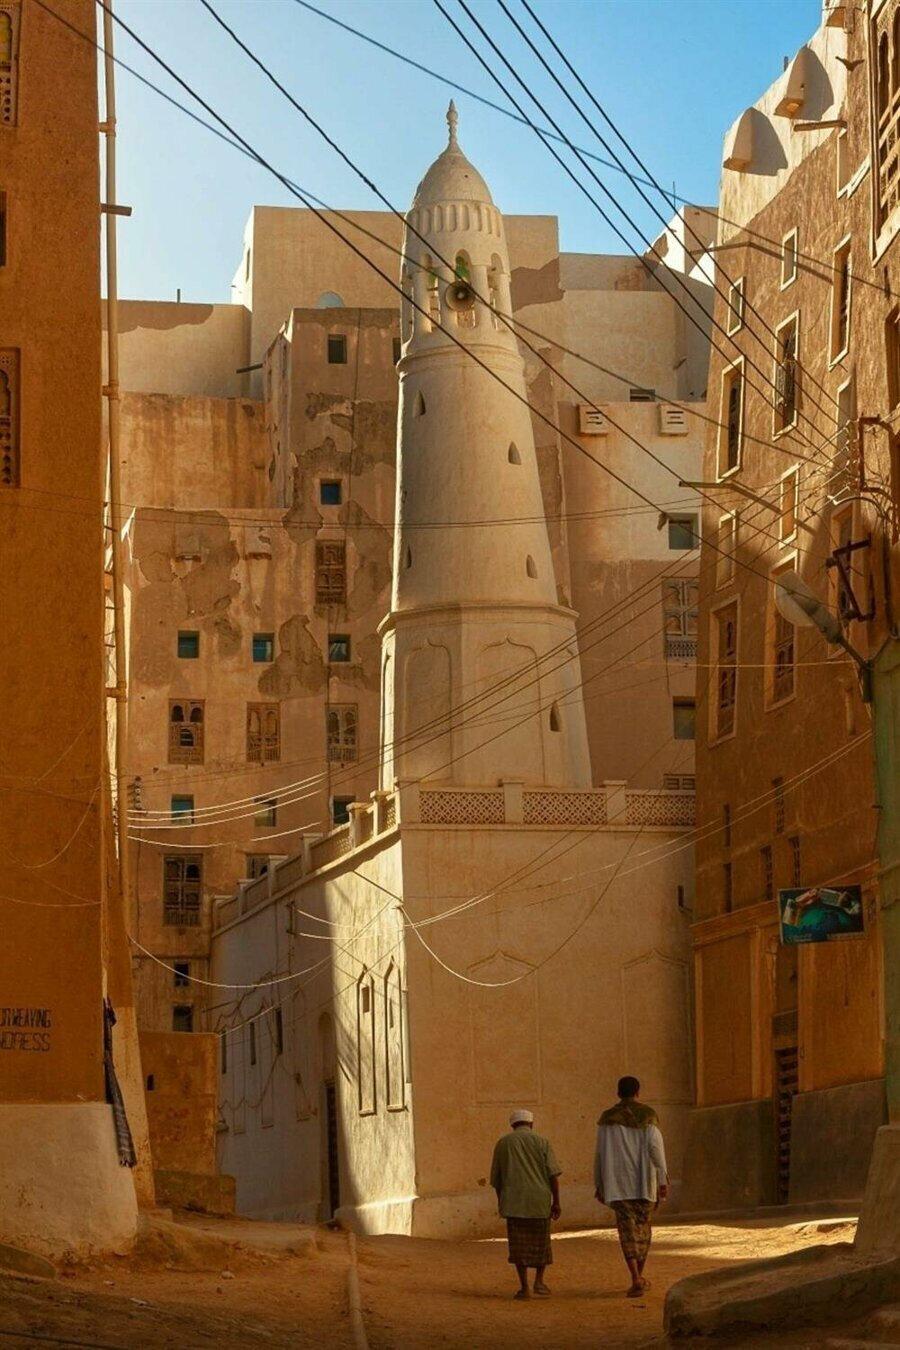 Kentin meydanında kalan Maruf Jamal Camii, tüm o yüksek binaların yanında bir cüce gibi kalmaktadır.